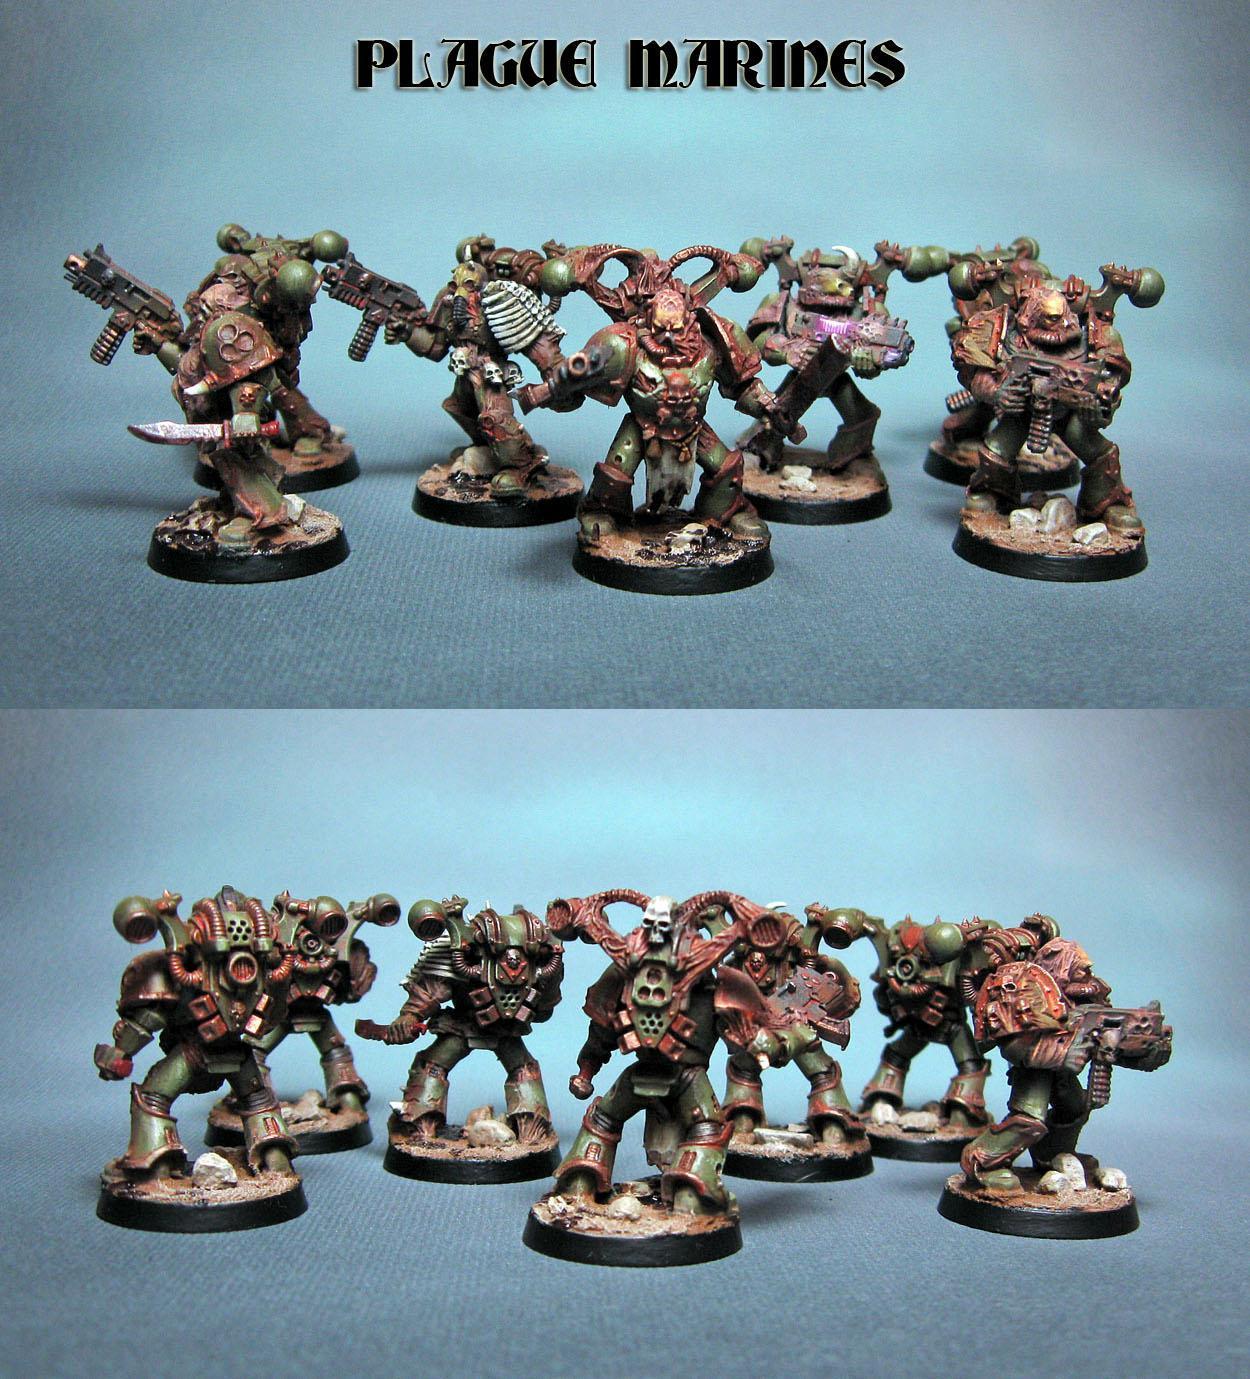 Nurgel, Plague Marines, Warhammer 40,000